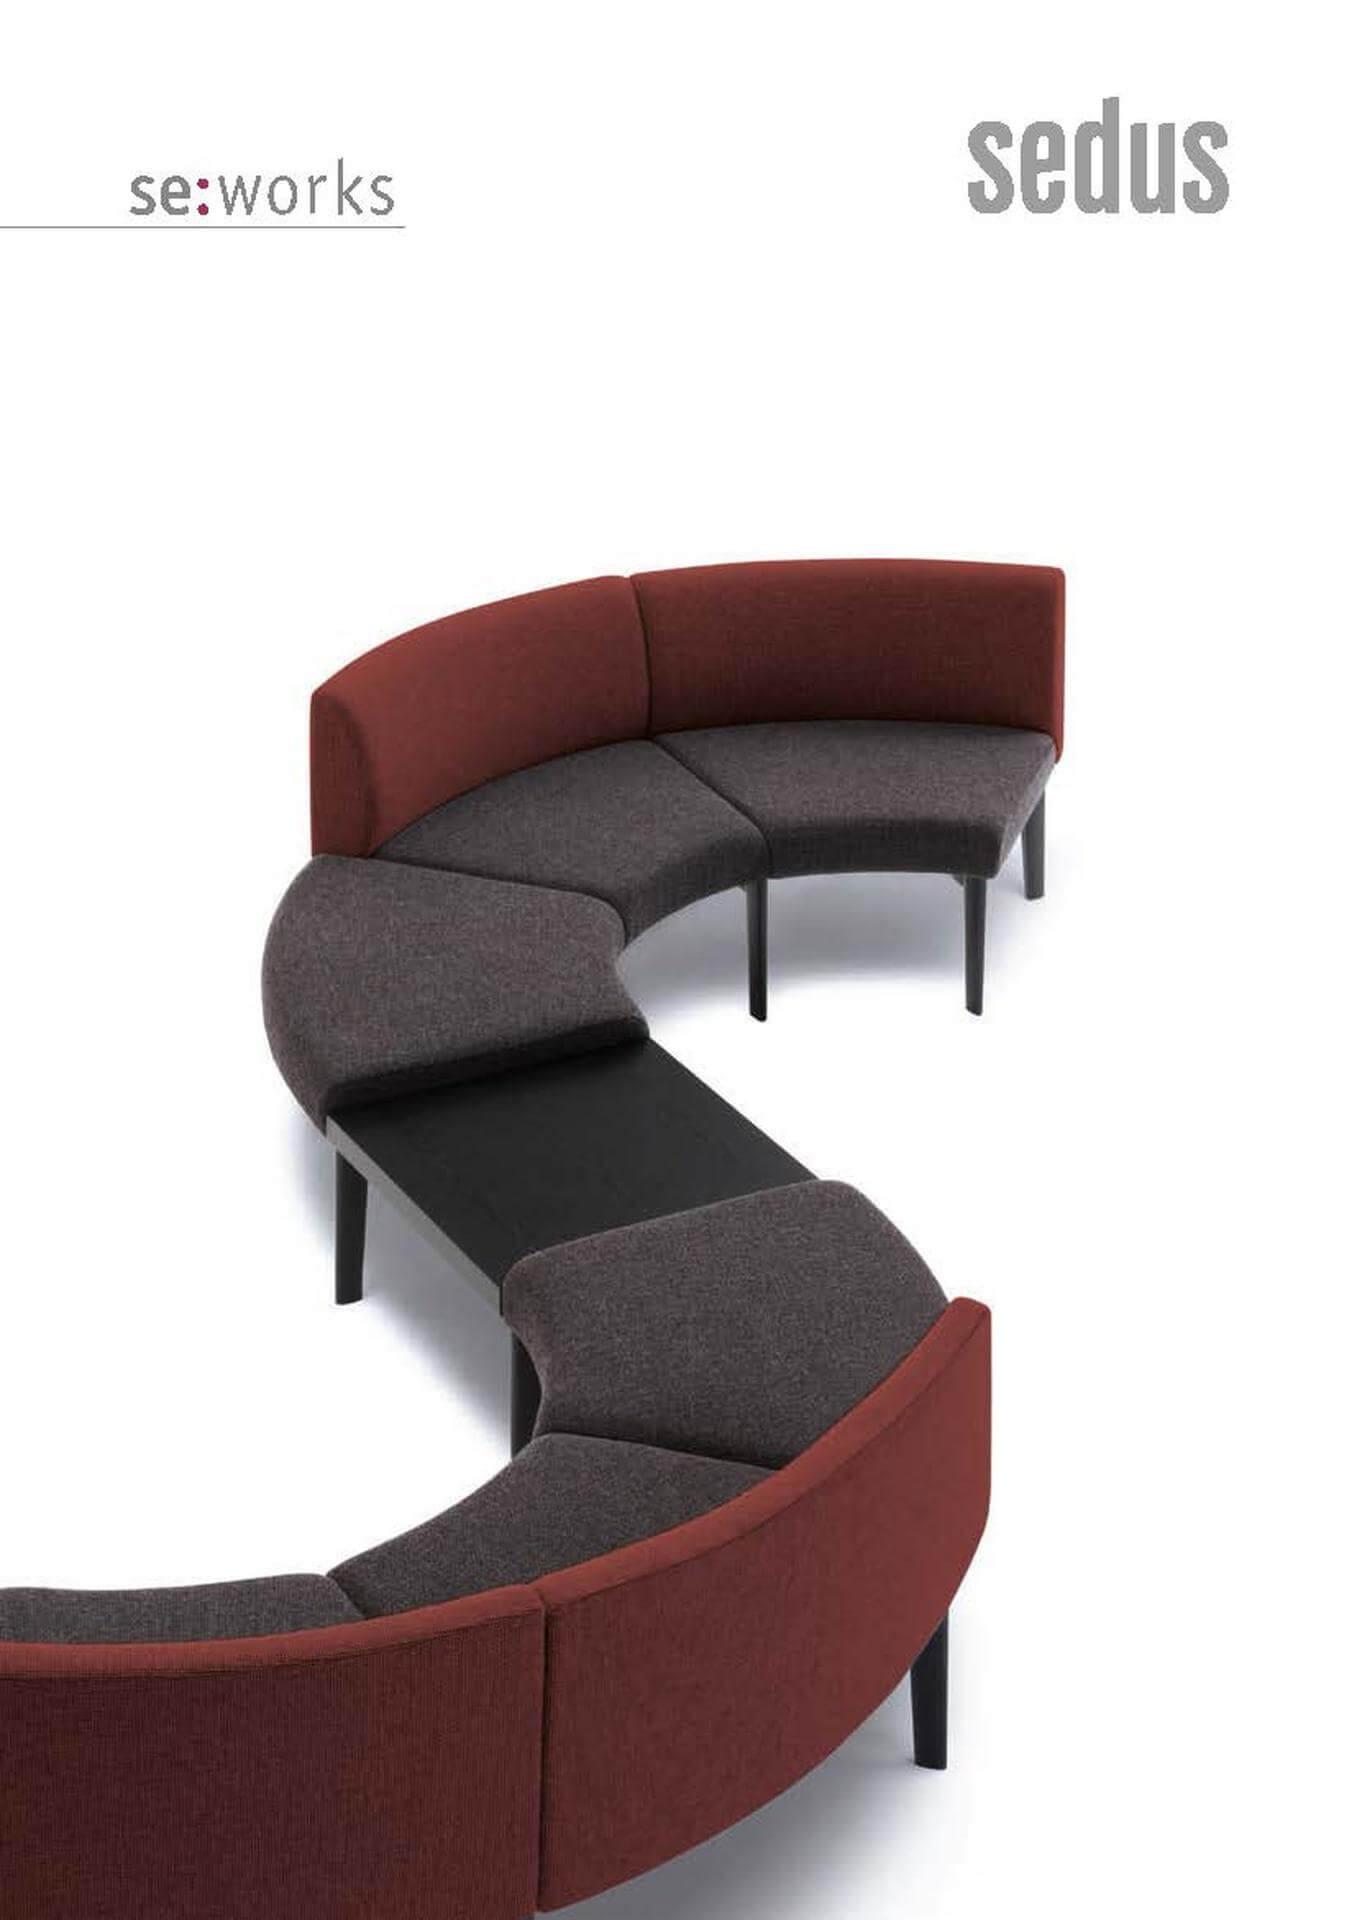 JCD Sedus banquette fauteuil salle dattente Page 01